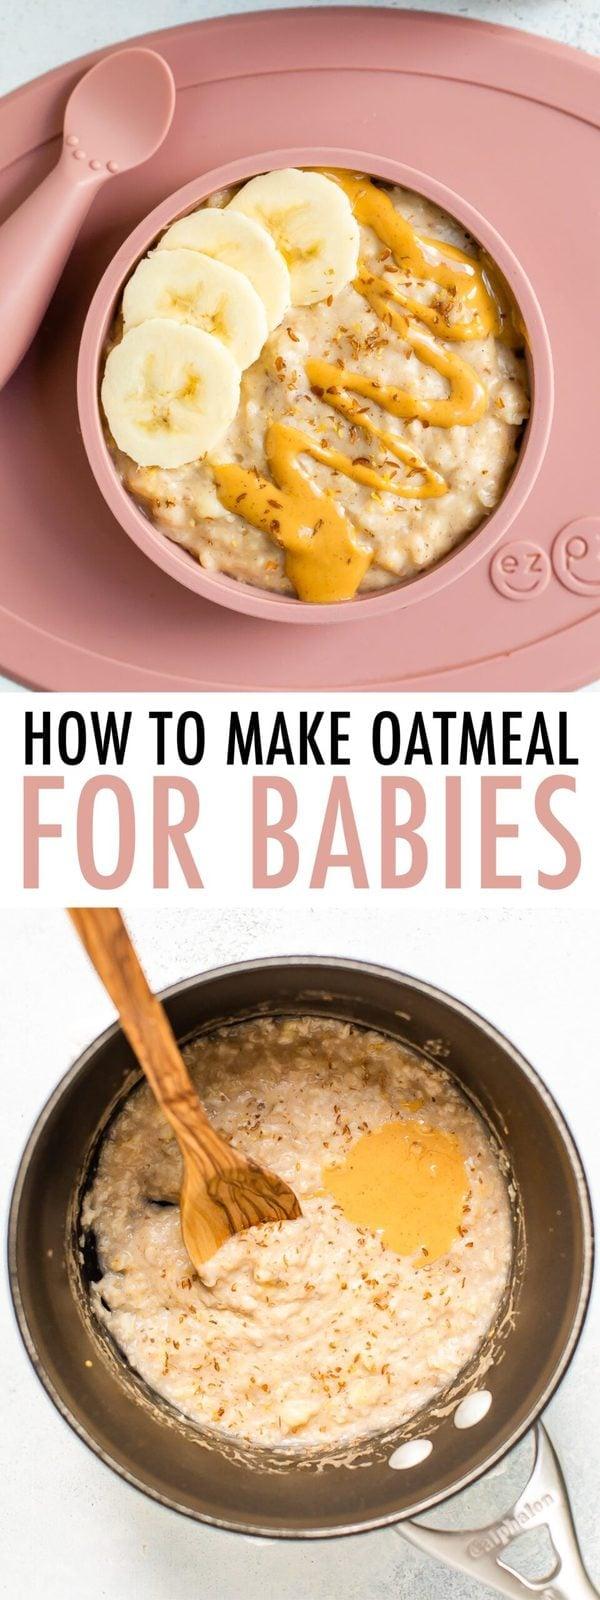 Photos de gruau pour bébé garni de beurre d'arachide et de banane dans un bol pour bébé.  La deuxième photo montre des flocons d'avoine cuits dans une casserole.